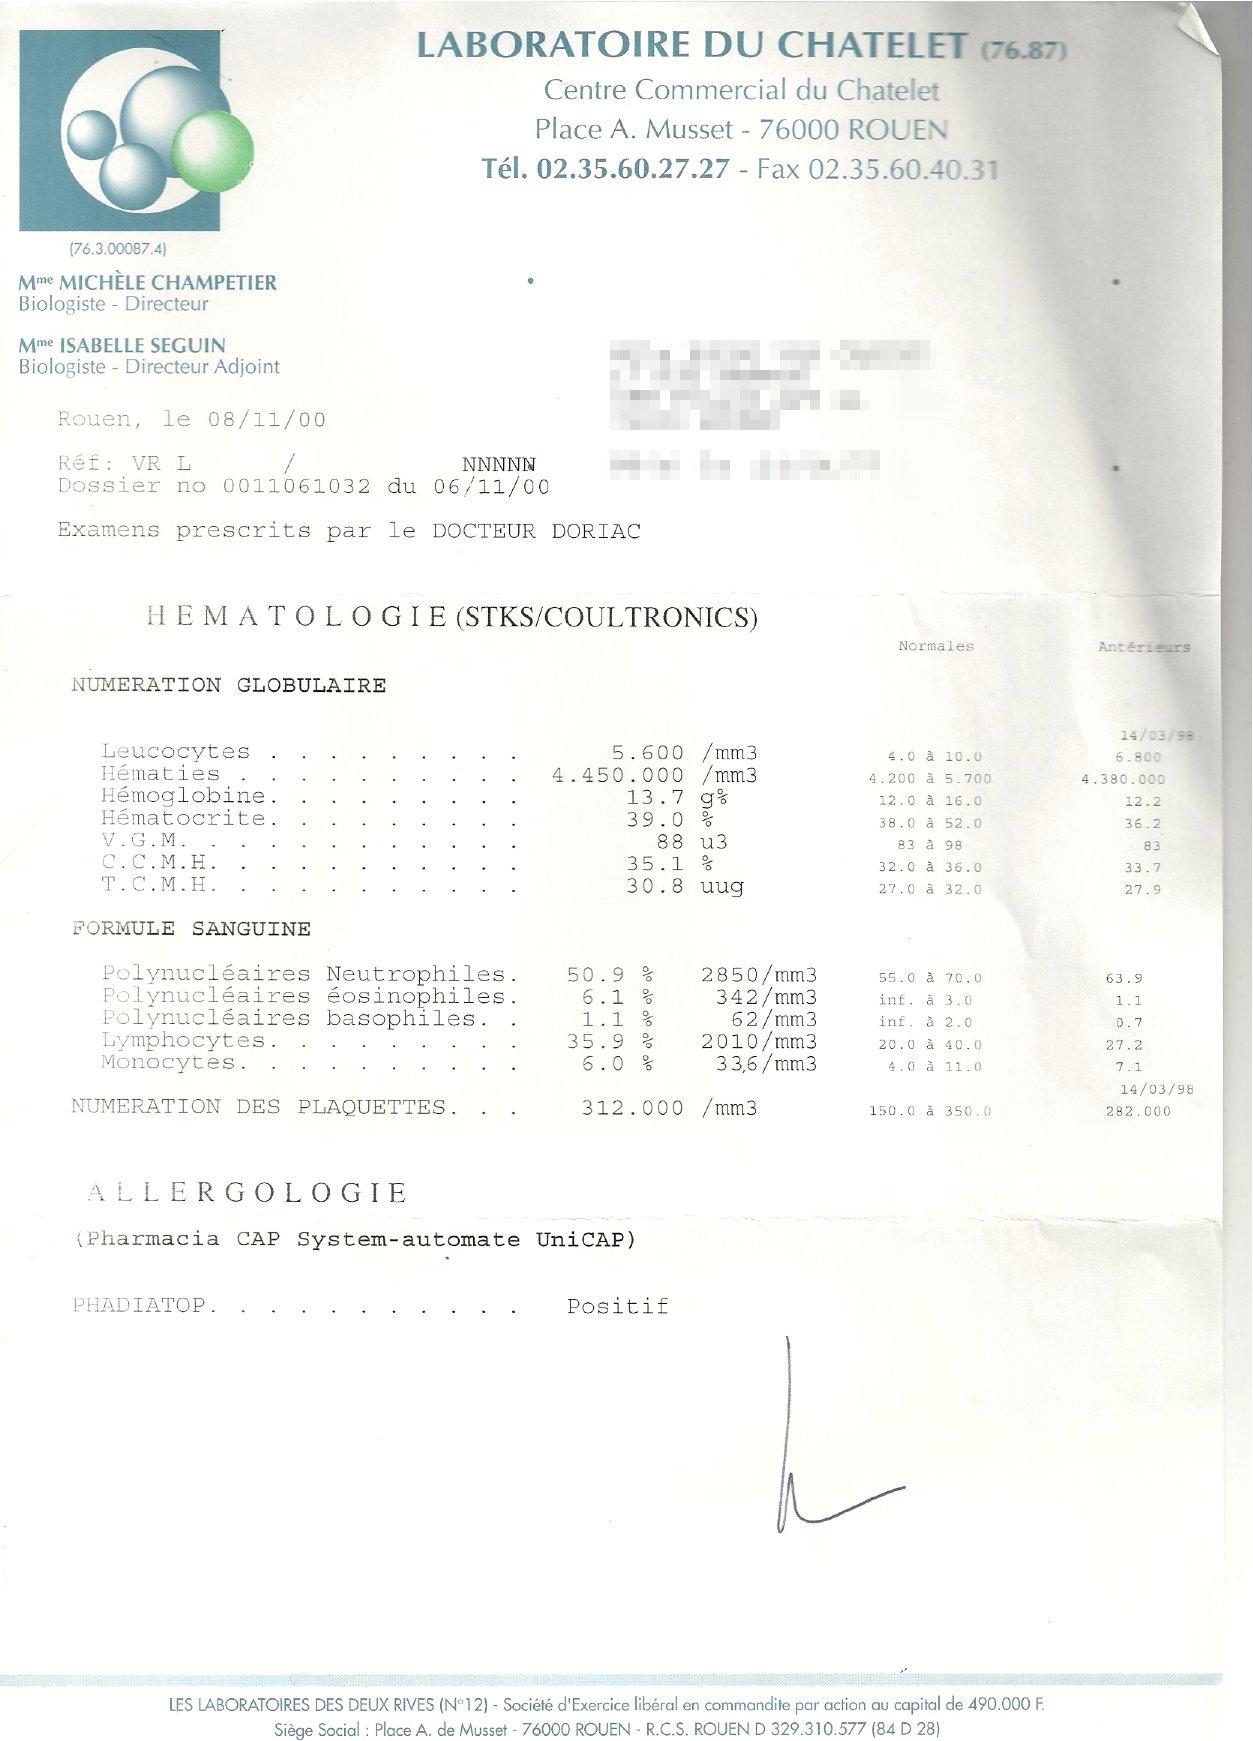 HEMATOLOGIE_112000